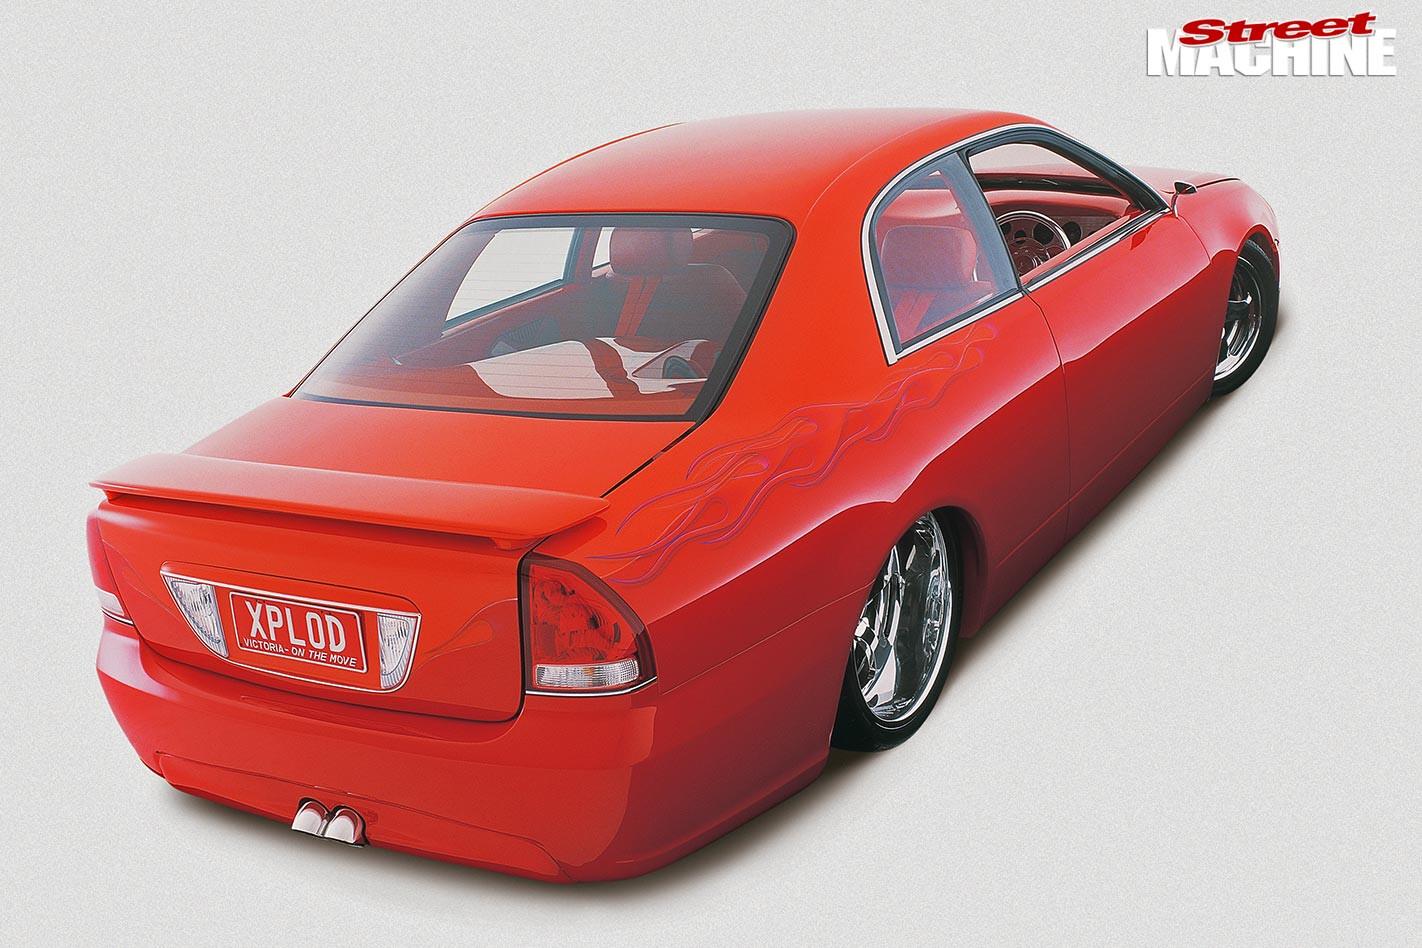 Mitsubishi Magna rear